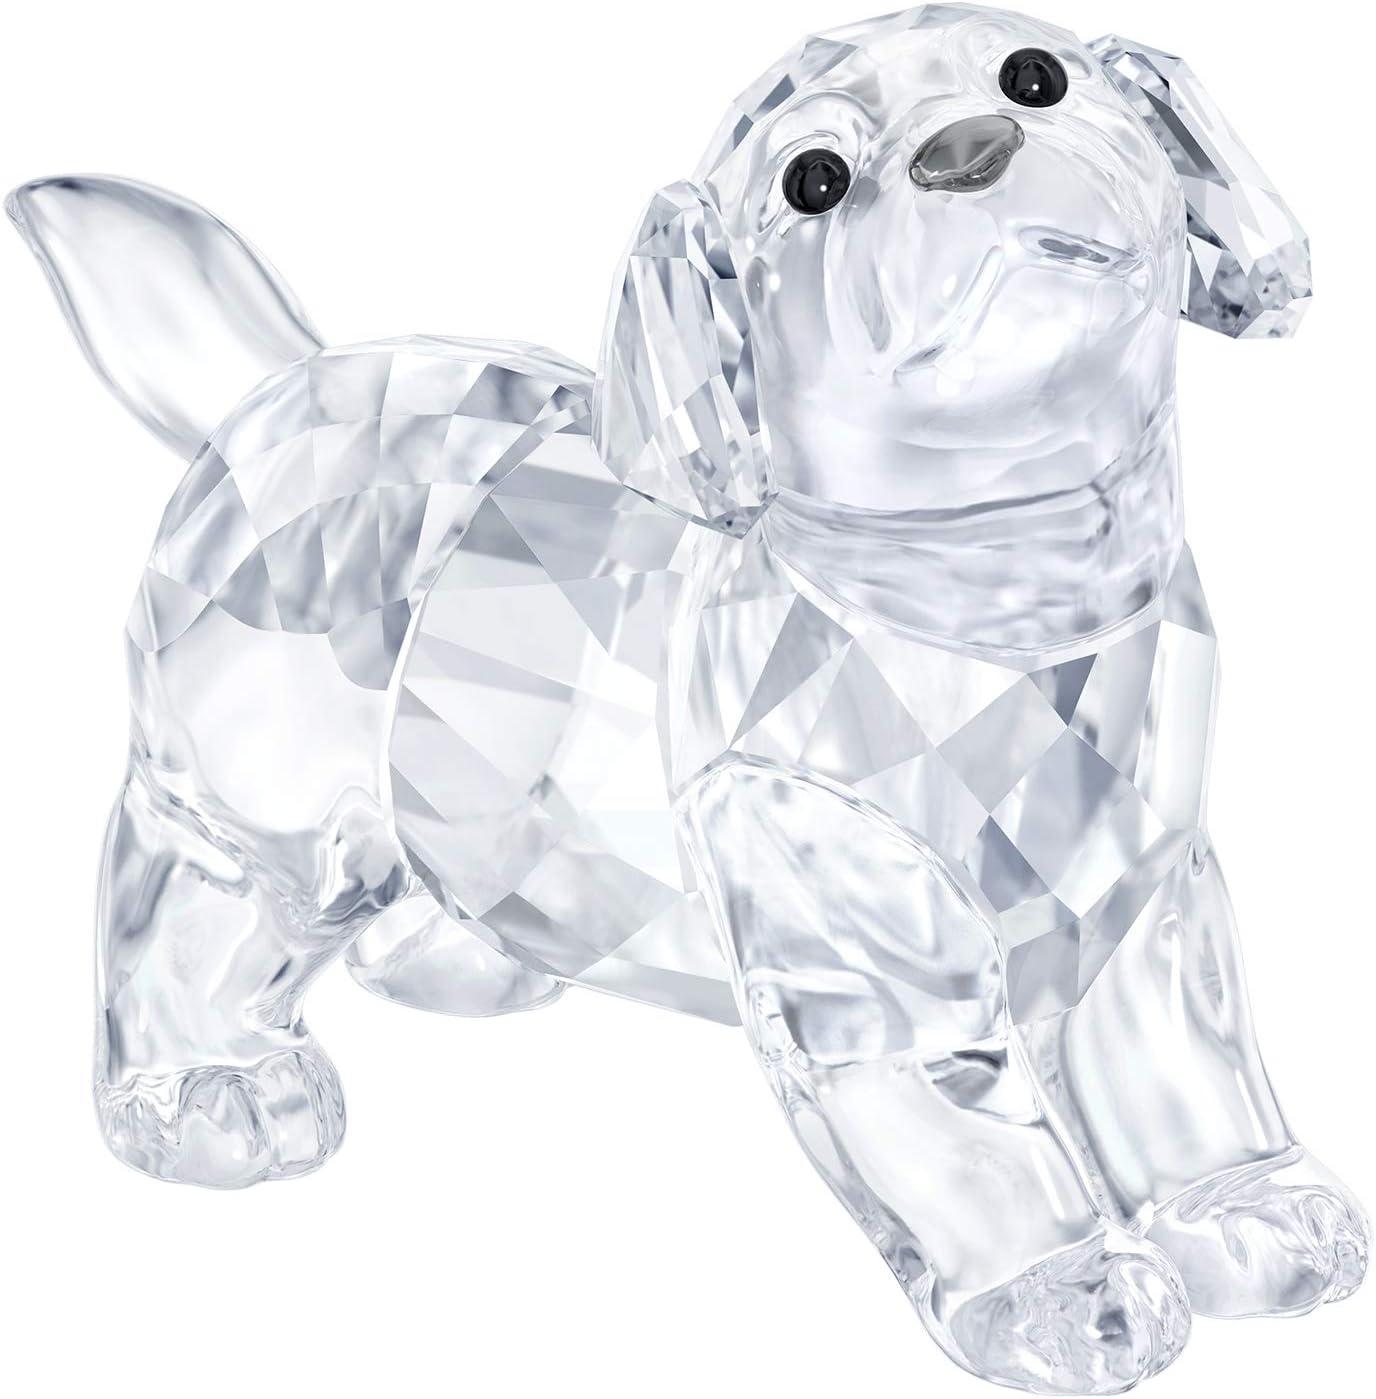 Figura swarovski perro labrador